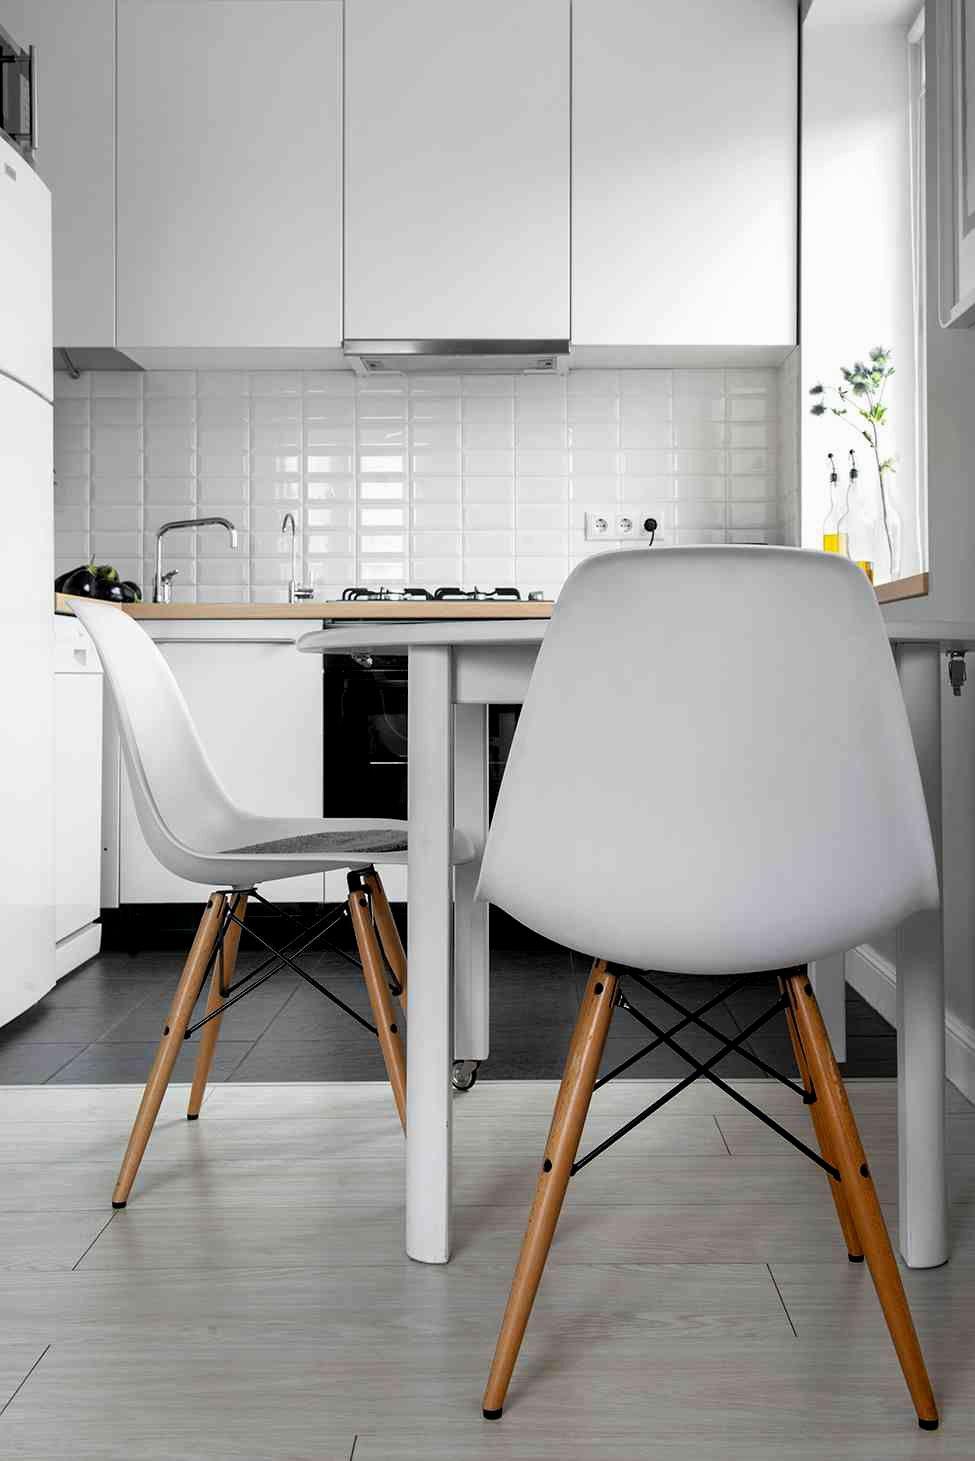 kitchen-chairs-ikea-photo-11